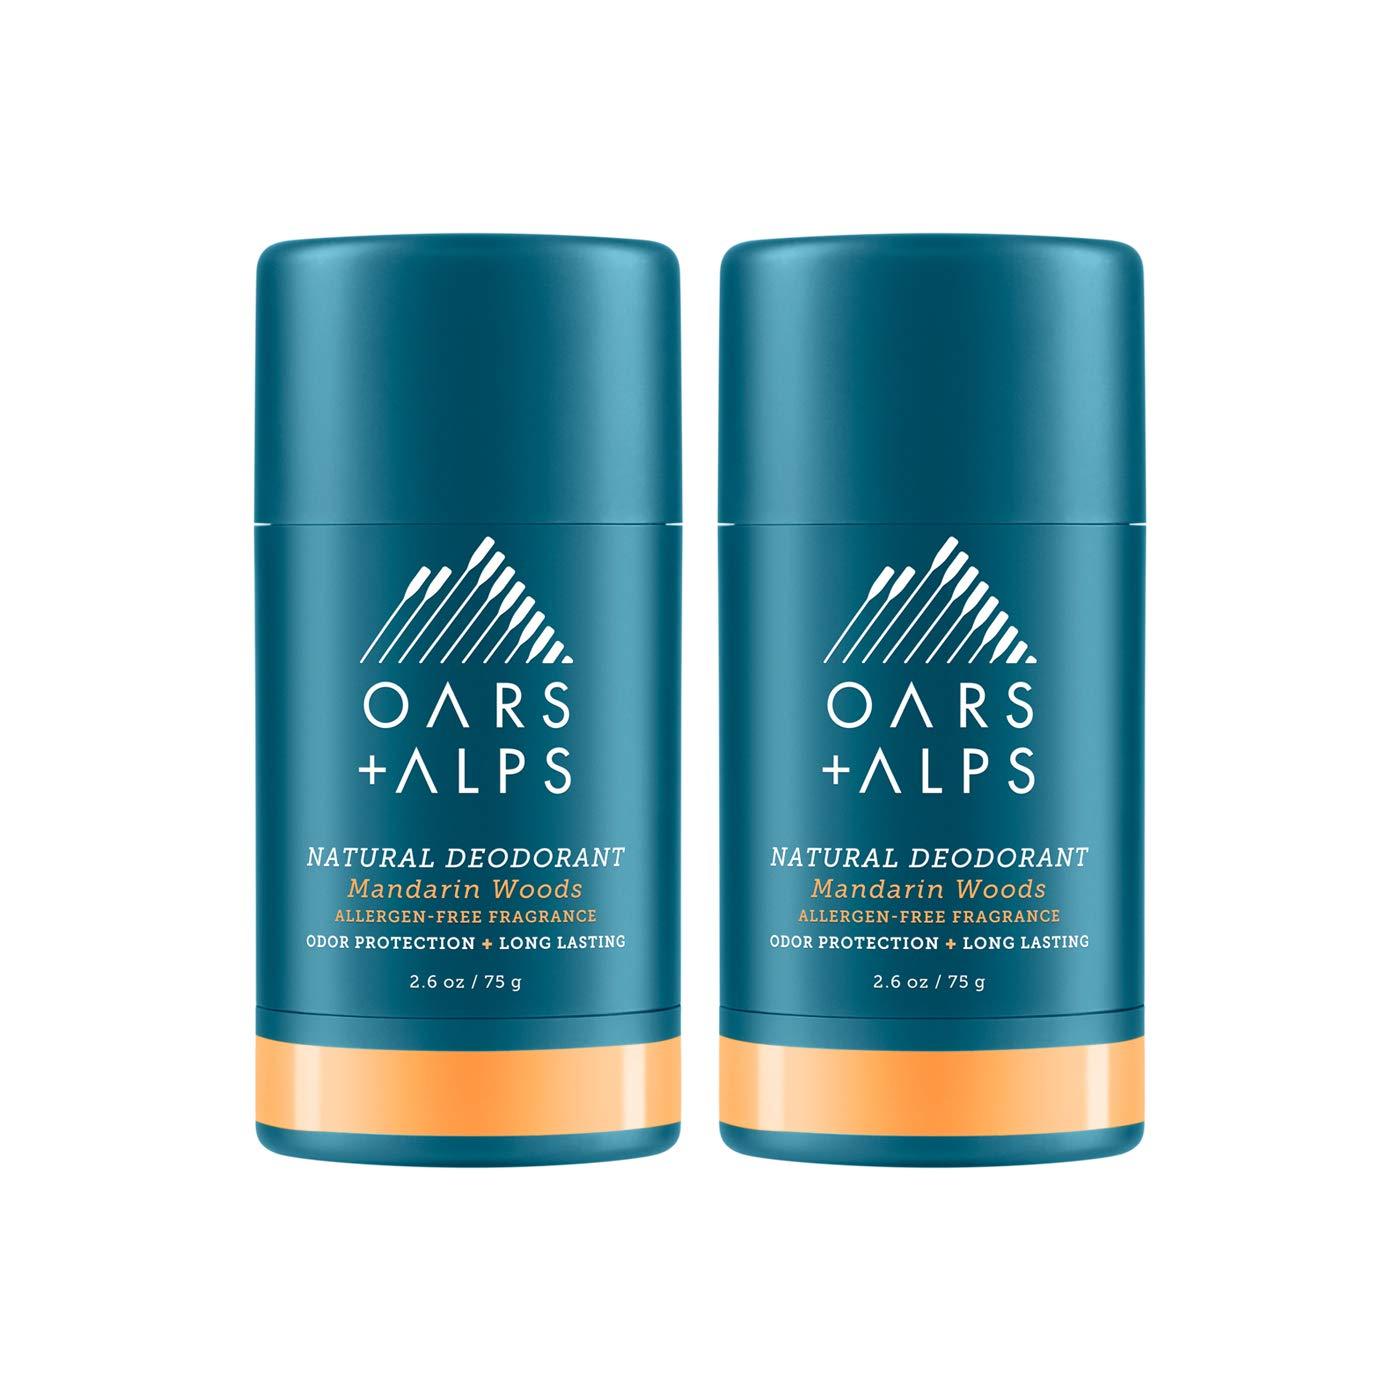 Top Deodorants for Men in 2020